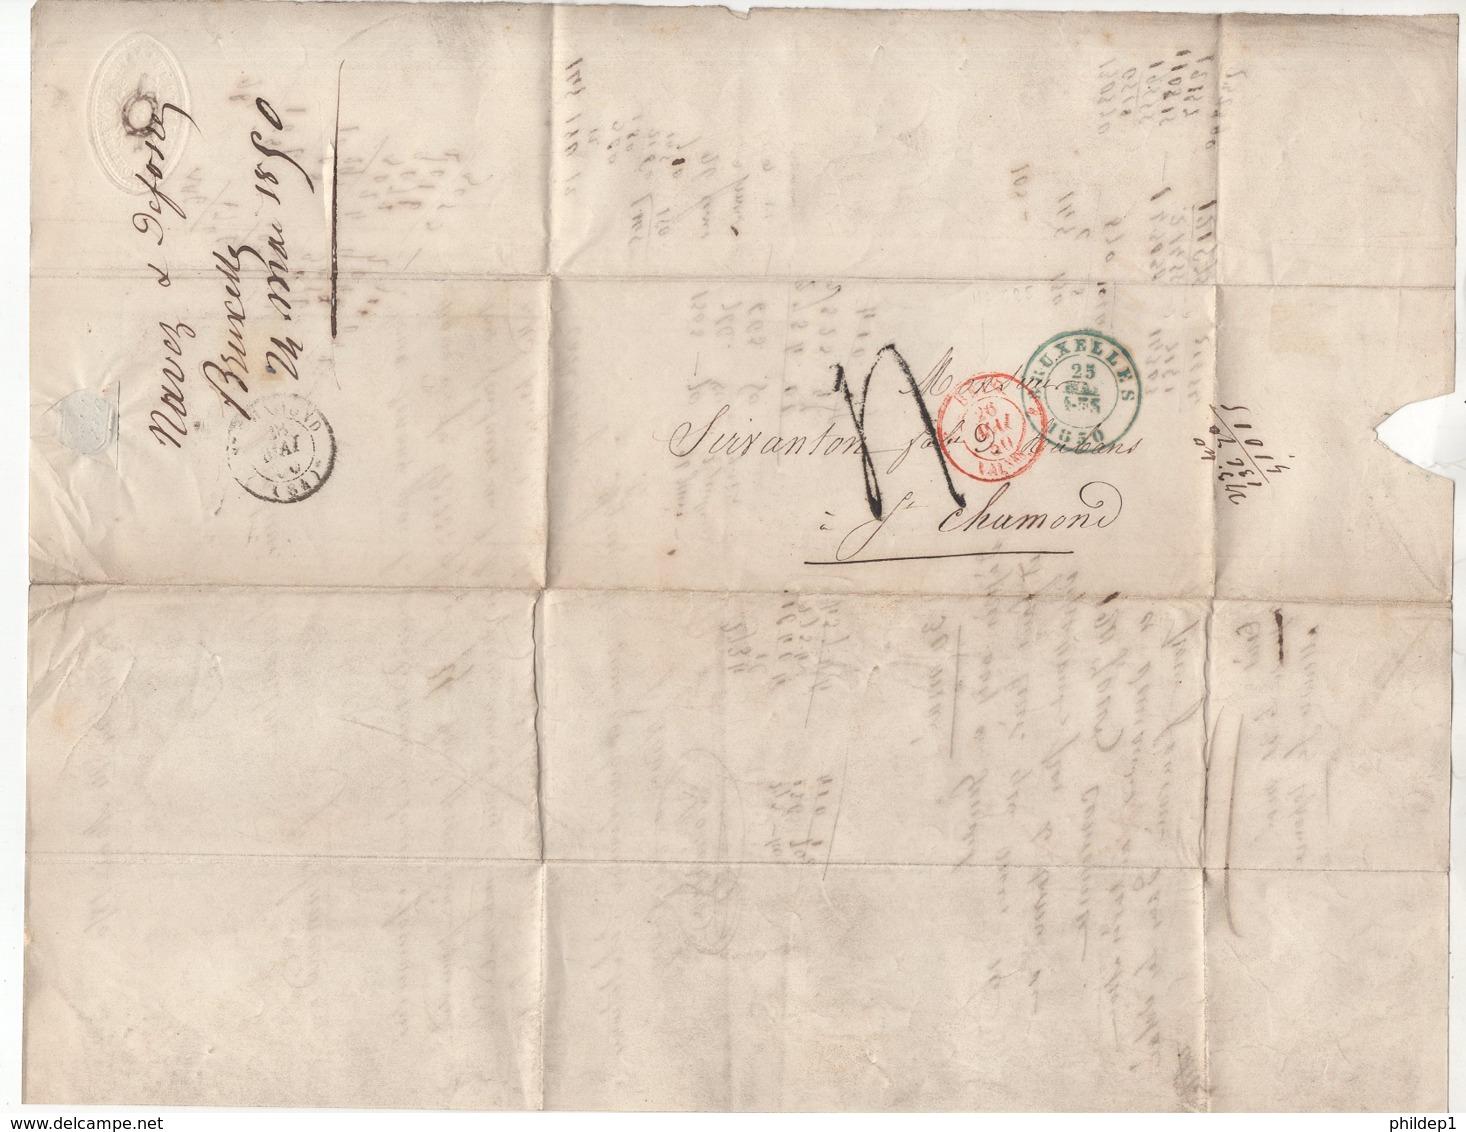 Précurseur Envoyé De Bruxelles Vers Saint - Chamond (France Dans La Loire) En 1850. Je N'y Connais Pas Grand Chose - 1830-1849 (Belgique Indépendante)